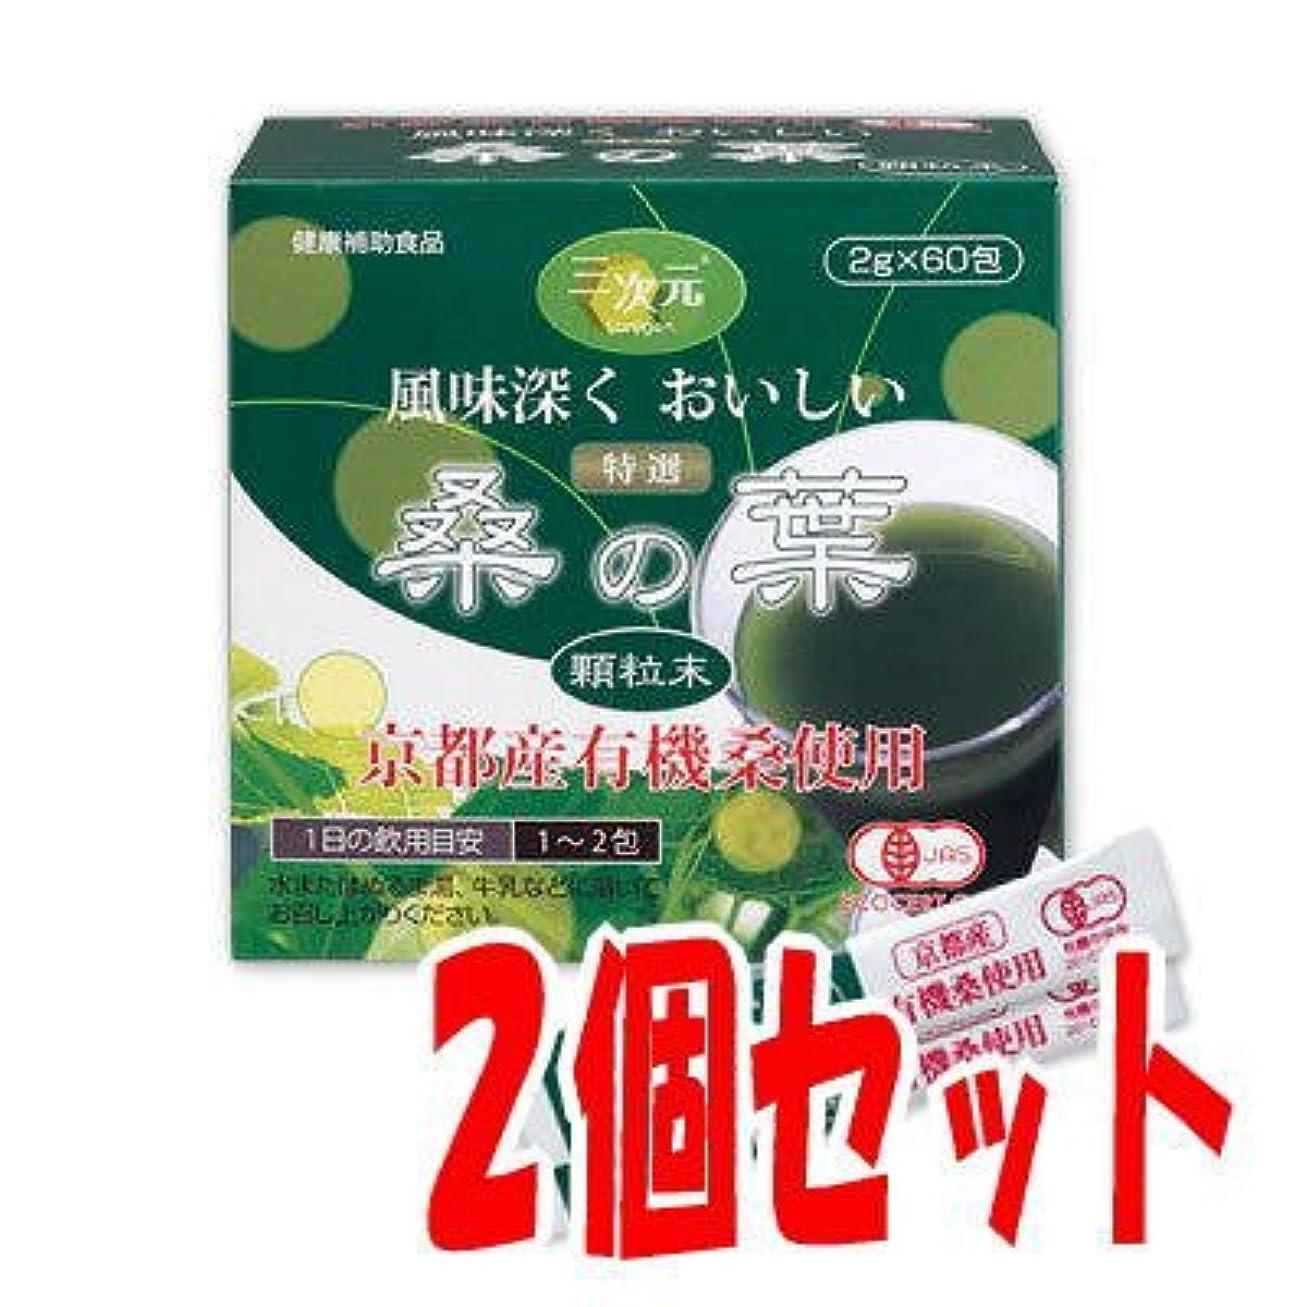 祖先爵主人特選「桑の葉」顆粒末1箱60包入×2箱セット 国産(京都産)有機桑使用 苦くなく風味深くおいしい青汁